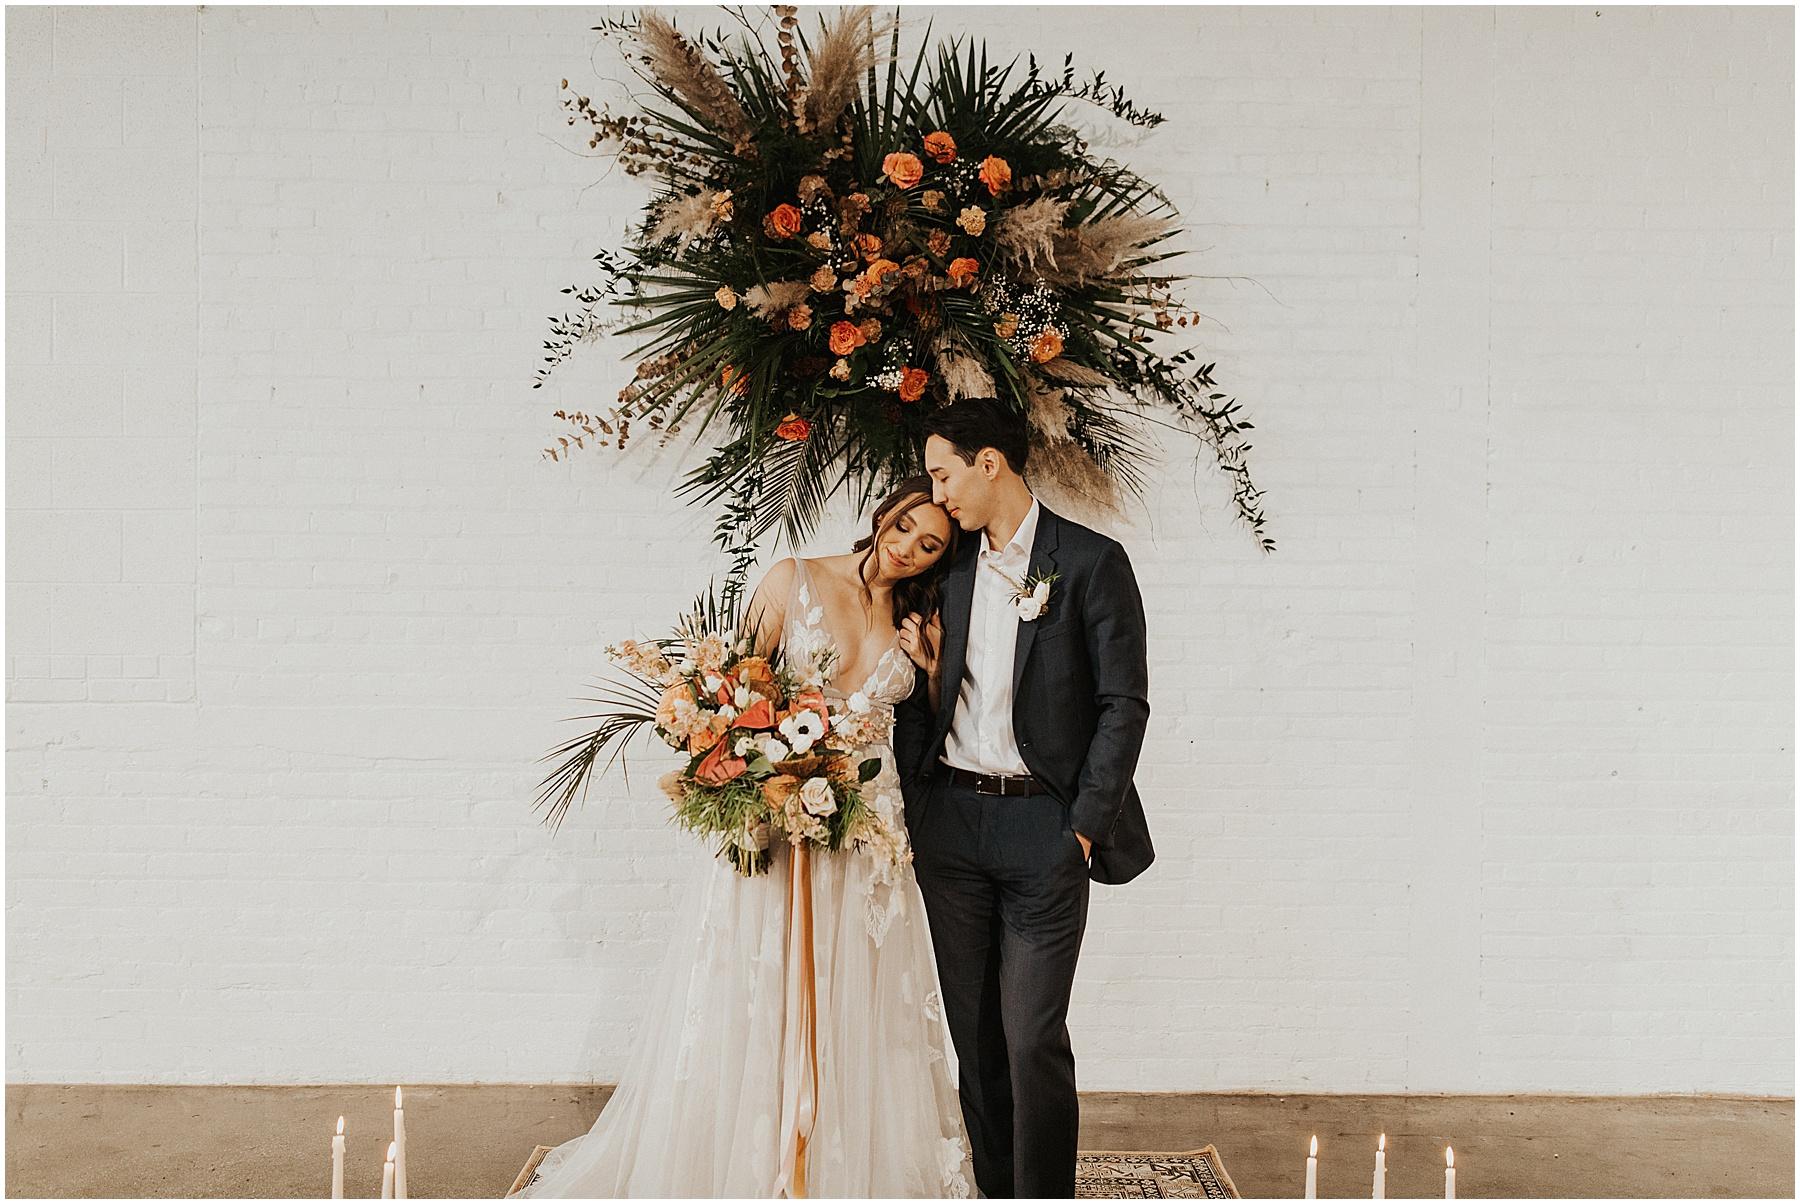 Tropical inspired boho wedding cleveland ohio the madison venue winter wedding_0125.jpg